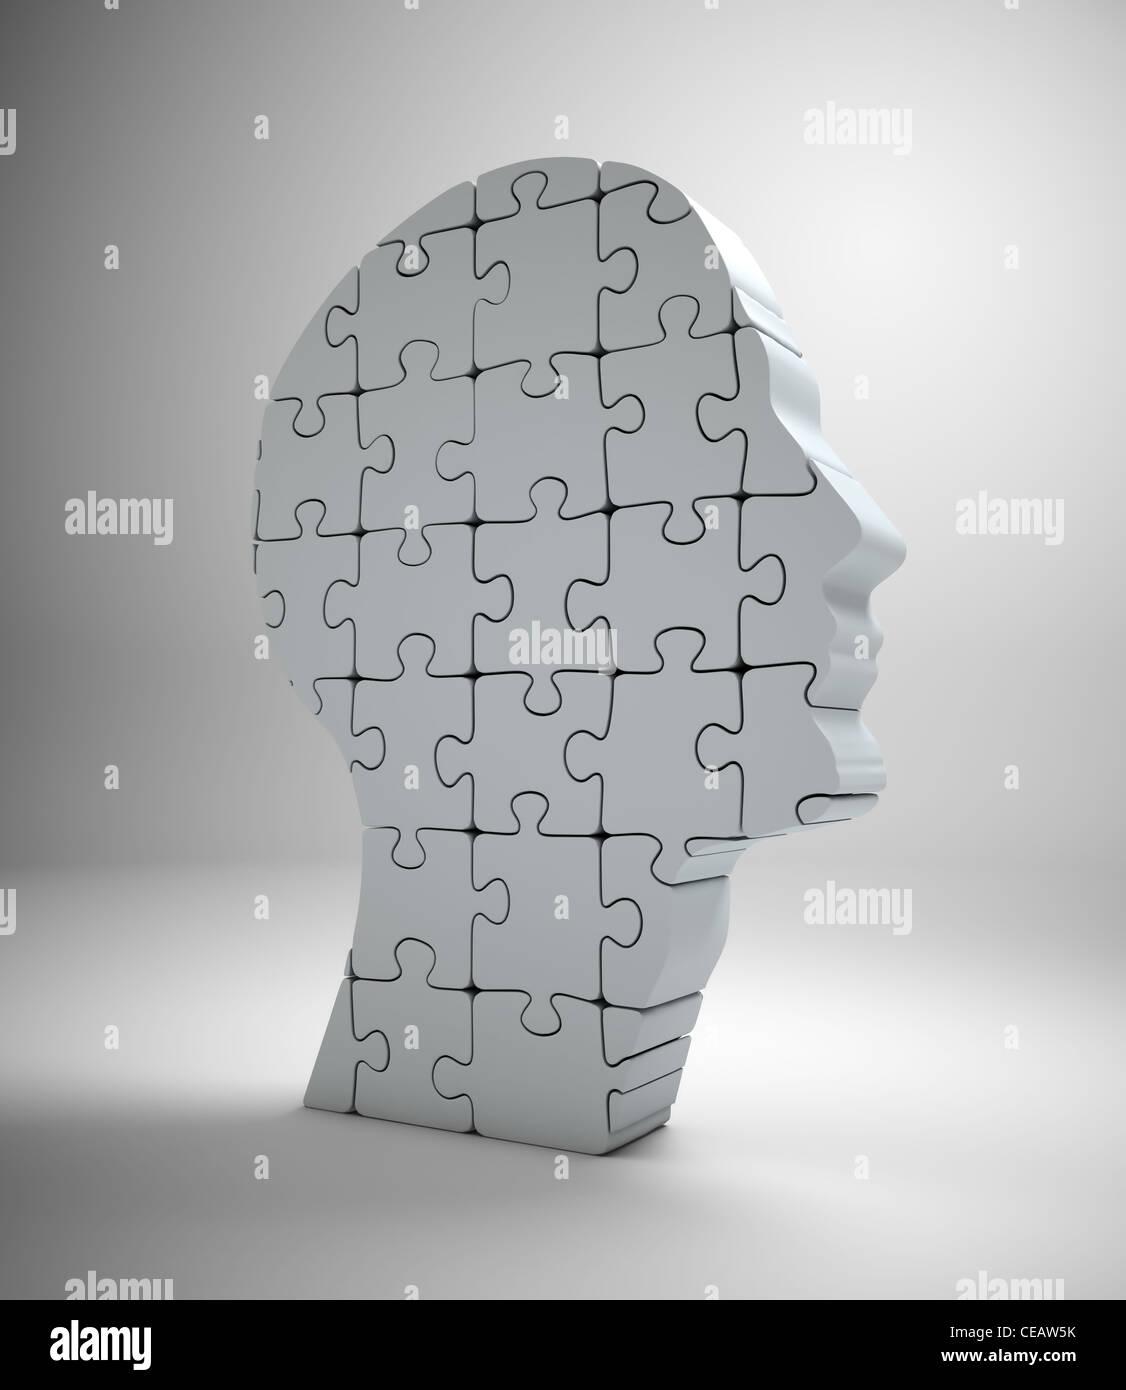 Einen männlichen Kopf Build aus Puzzle-Teile Stockfoto